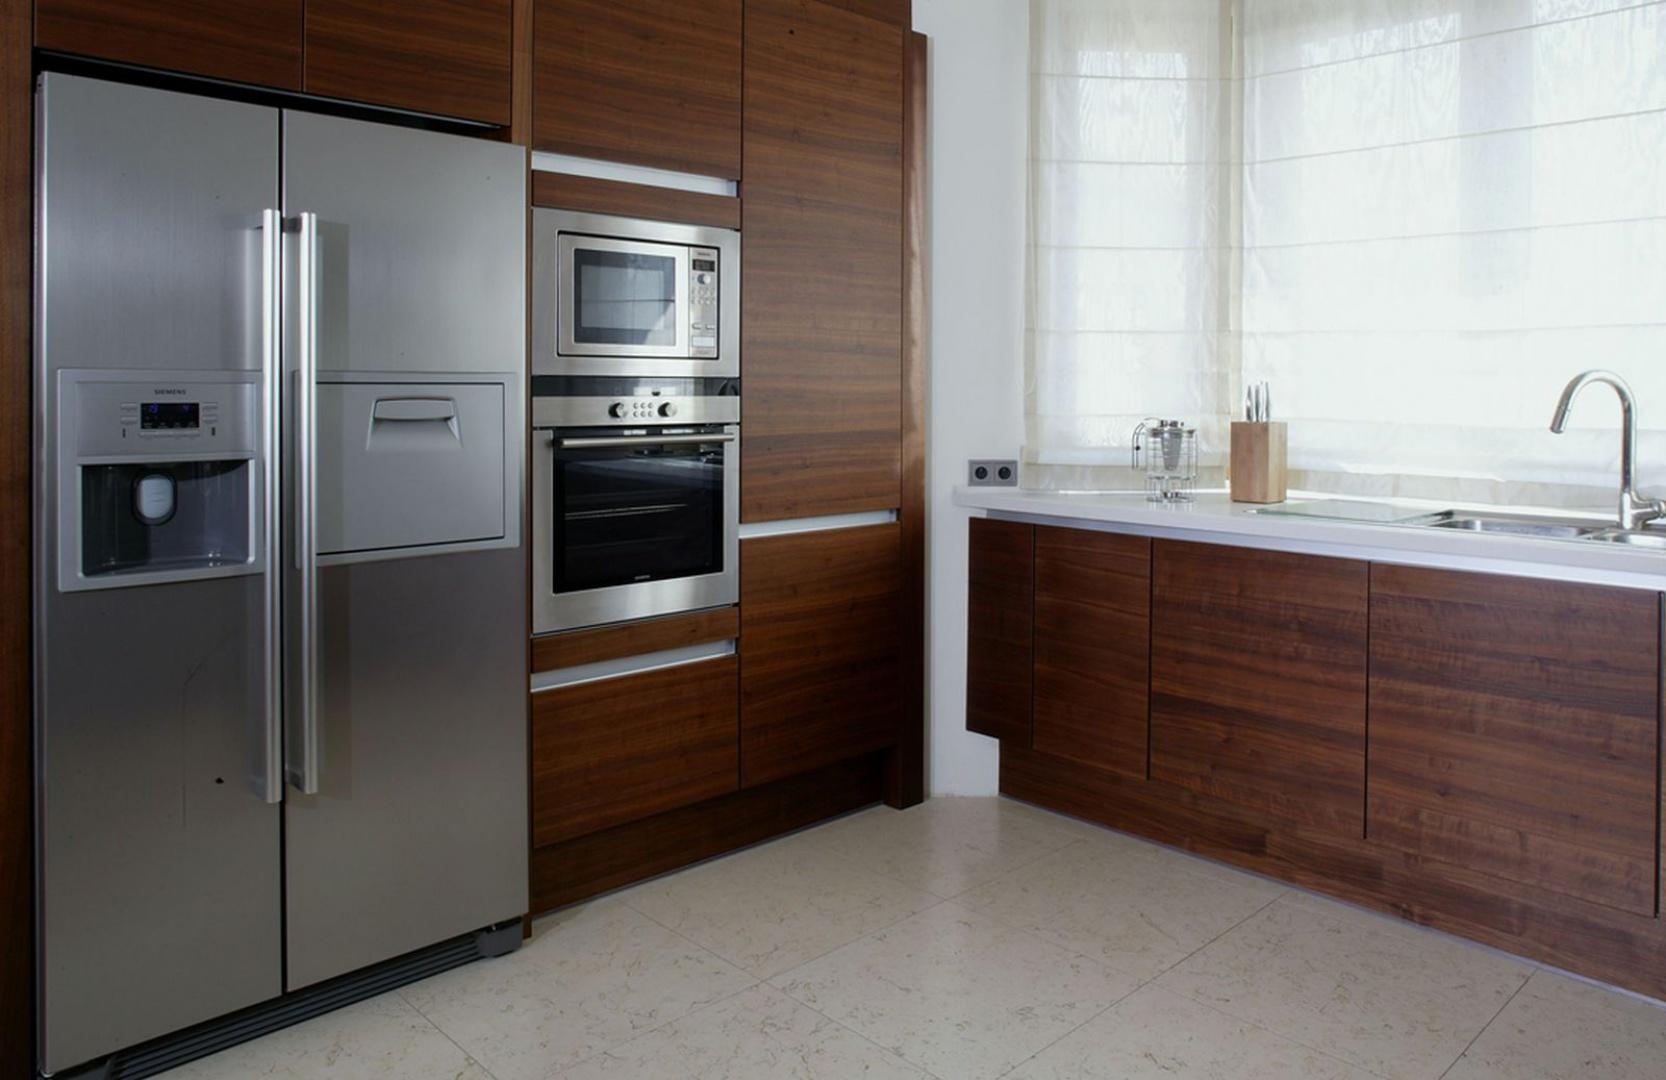 Ciemna drewniana zabudowa z Kuchnia w kolorze ciemnego drewna 20 zdjęć   -> Kuchnia Drewniana Krakpol